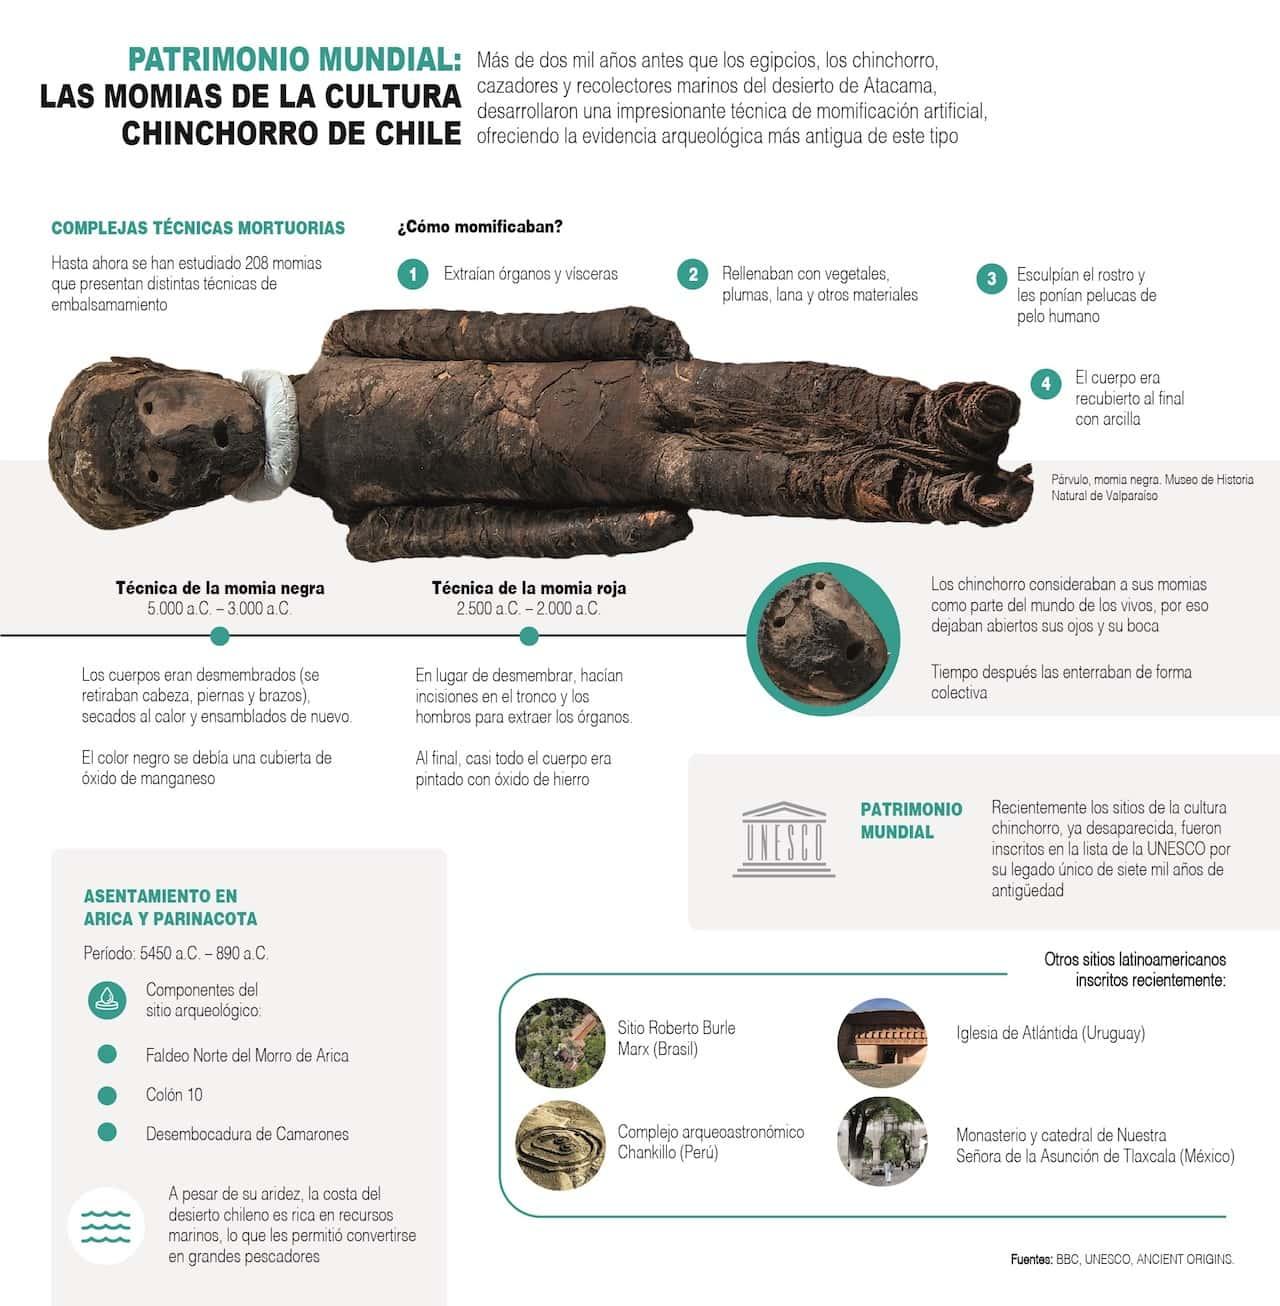 [Infografía] Las momias chinchorro, tesoro arqueológico de Chile patrimonio de la humanidad 1